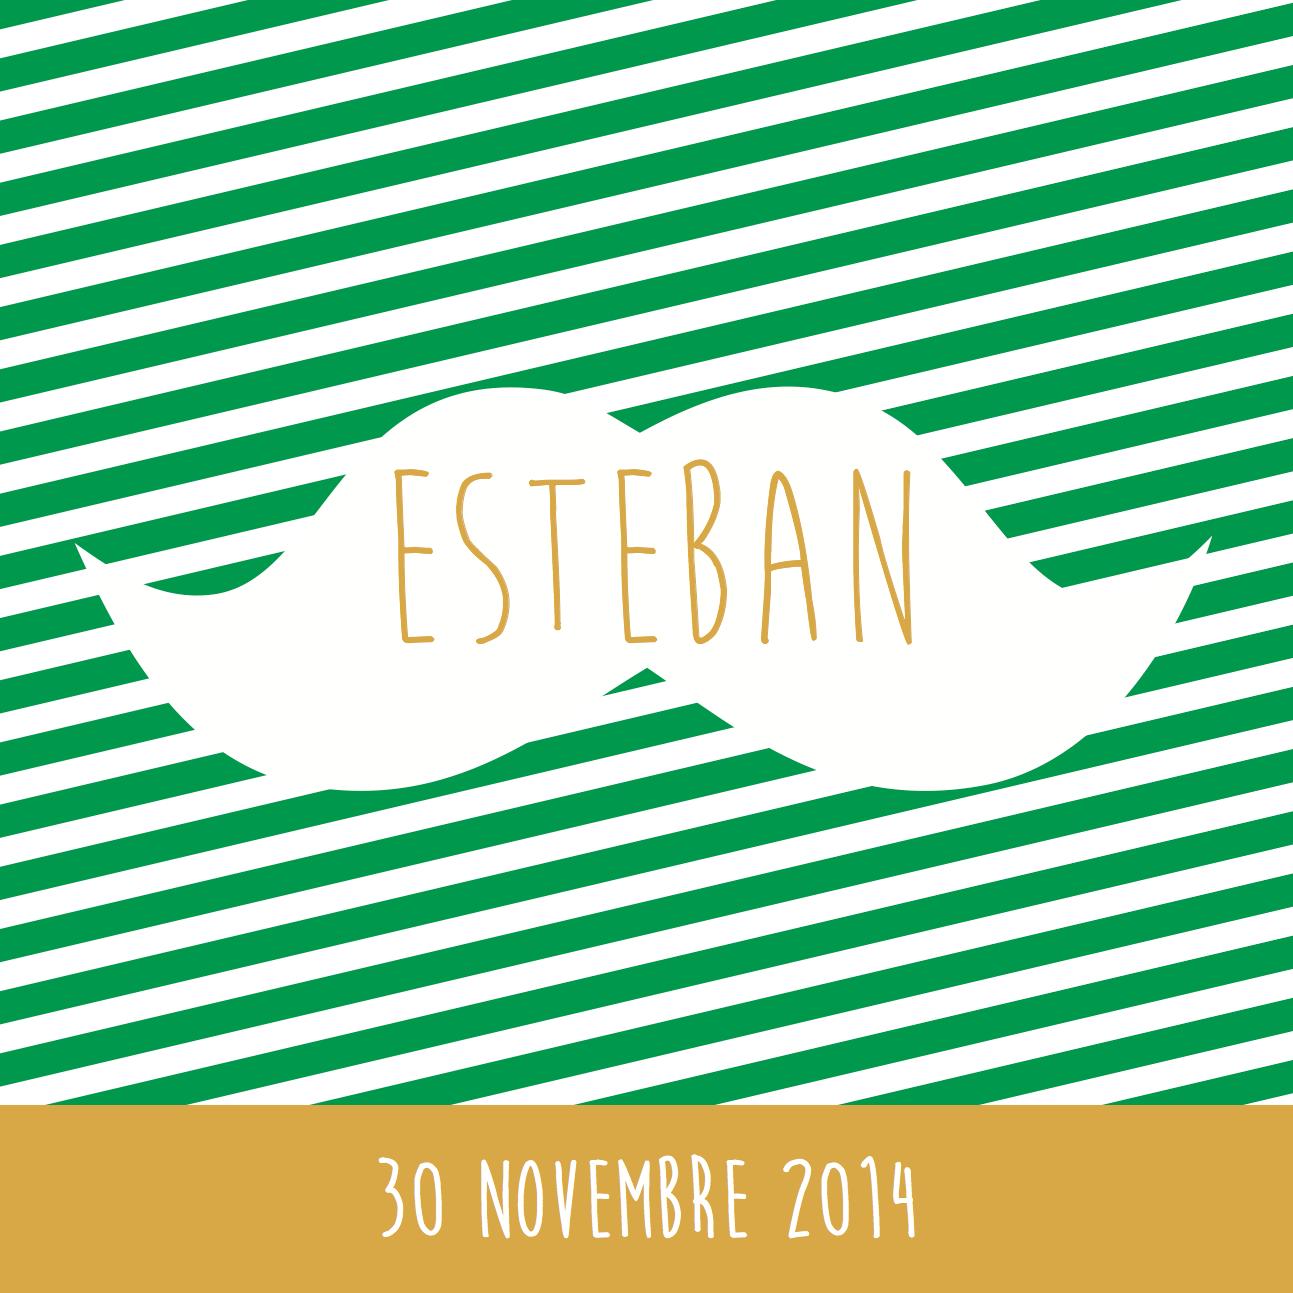 Esteban recto 2